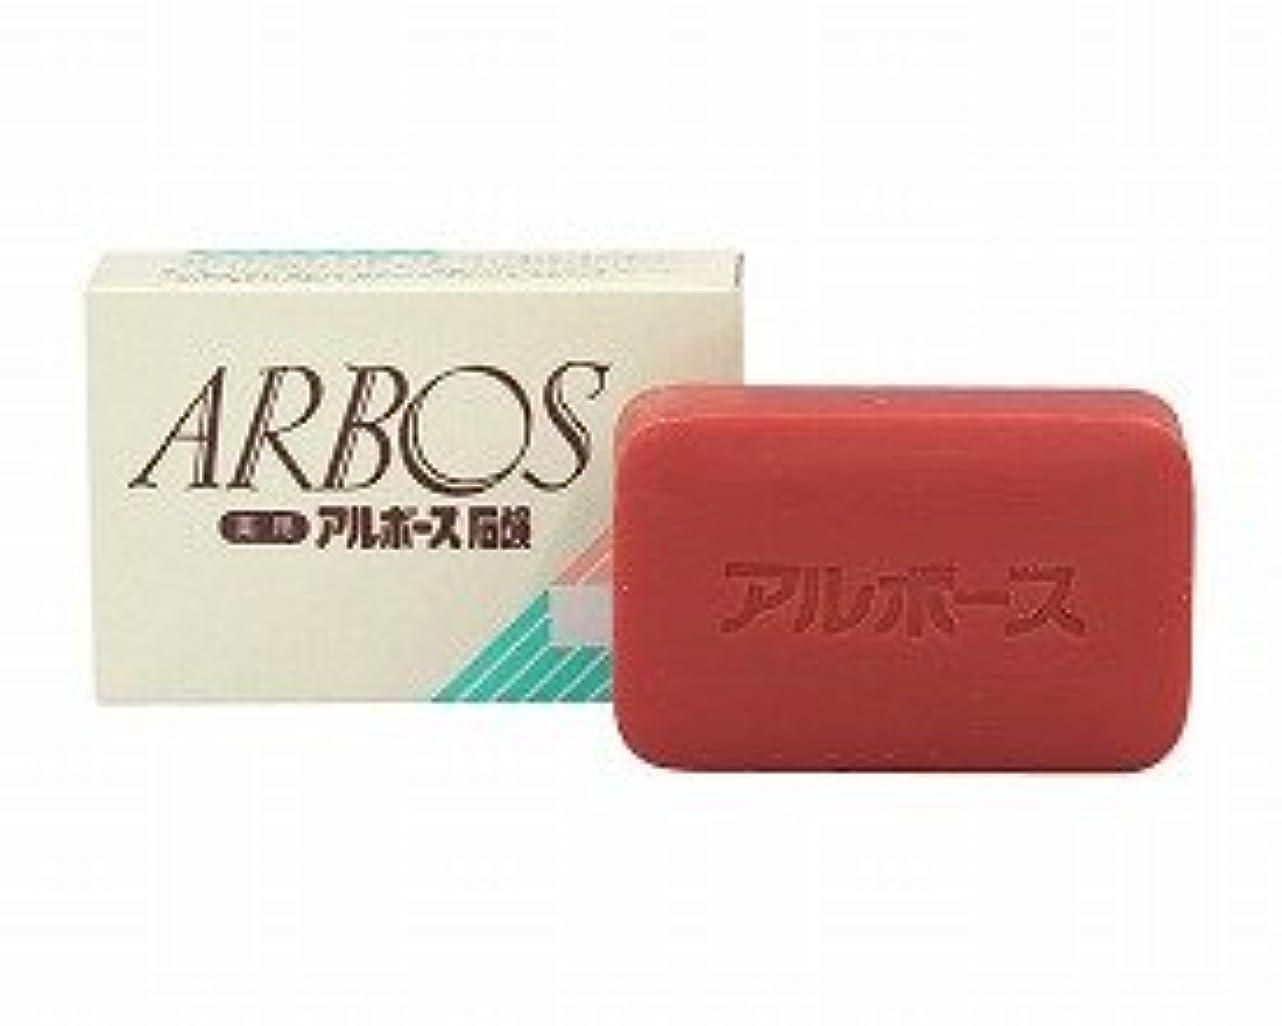 引っ張る関連する彼自身薬用アルボース石鹸 85g 1ケース(240個入) (アルボース) (清拭小物)